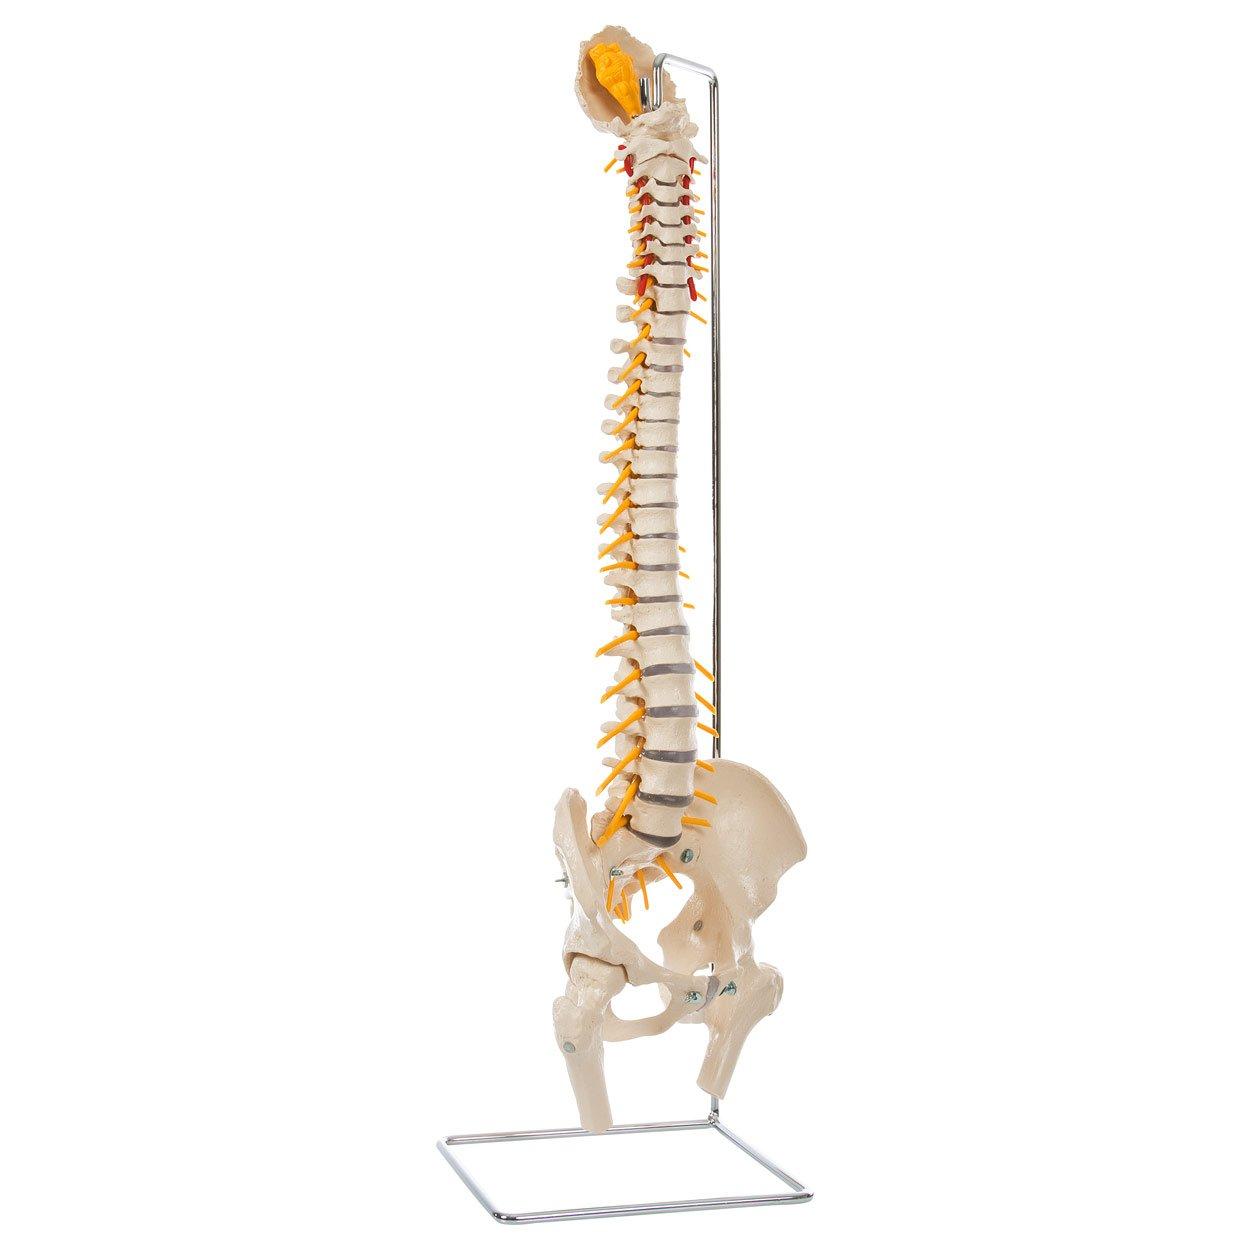 Wirbelsäule inkl. Stativ, Anatomie Modell, anatomisches Lehrmittel ...